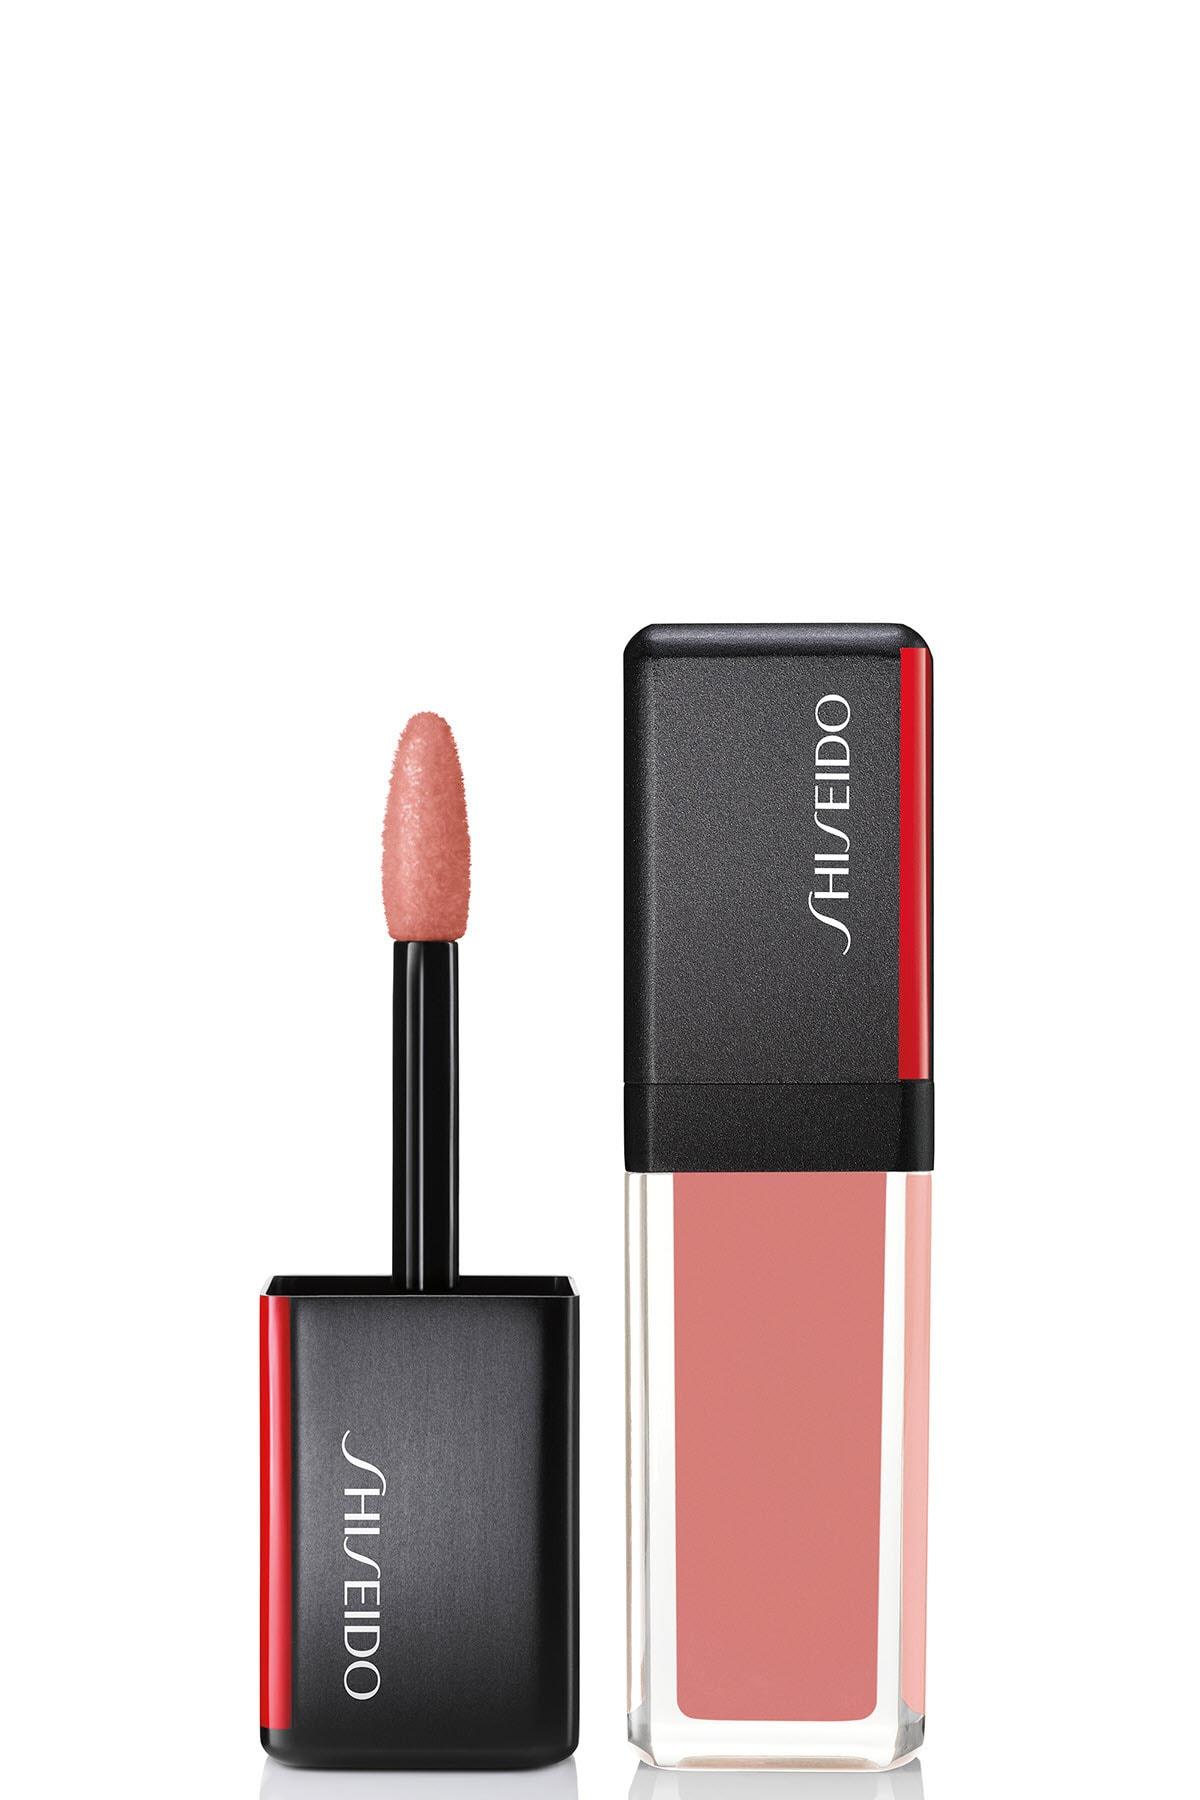 Shiseido Uzun Süre Dayanıklı Parlak Likit Ruj - SMK Lacquerink Lipshine 311 730852148345